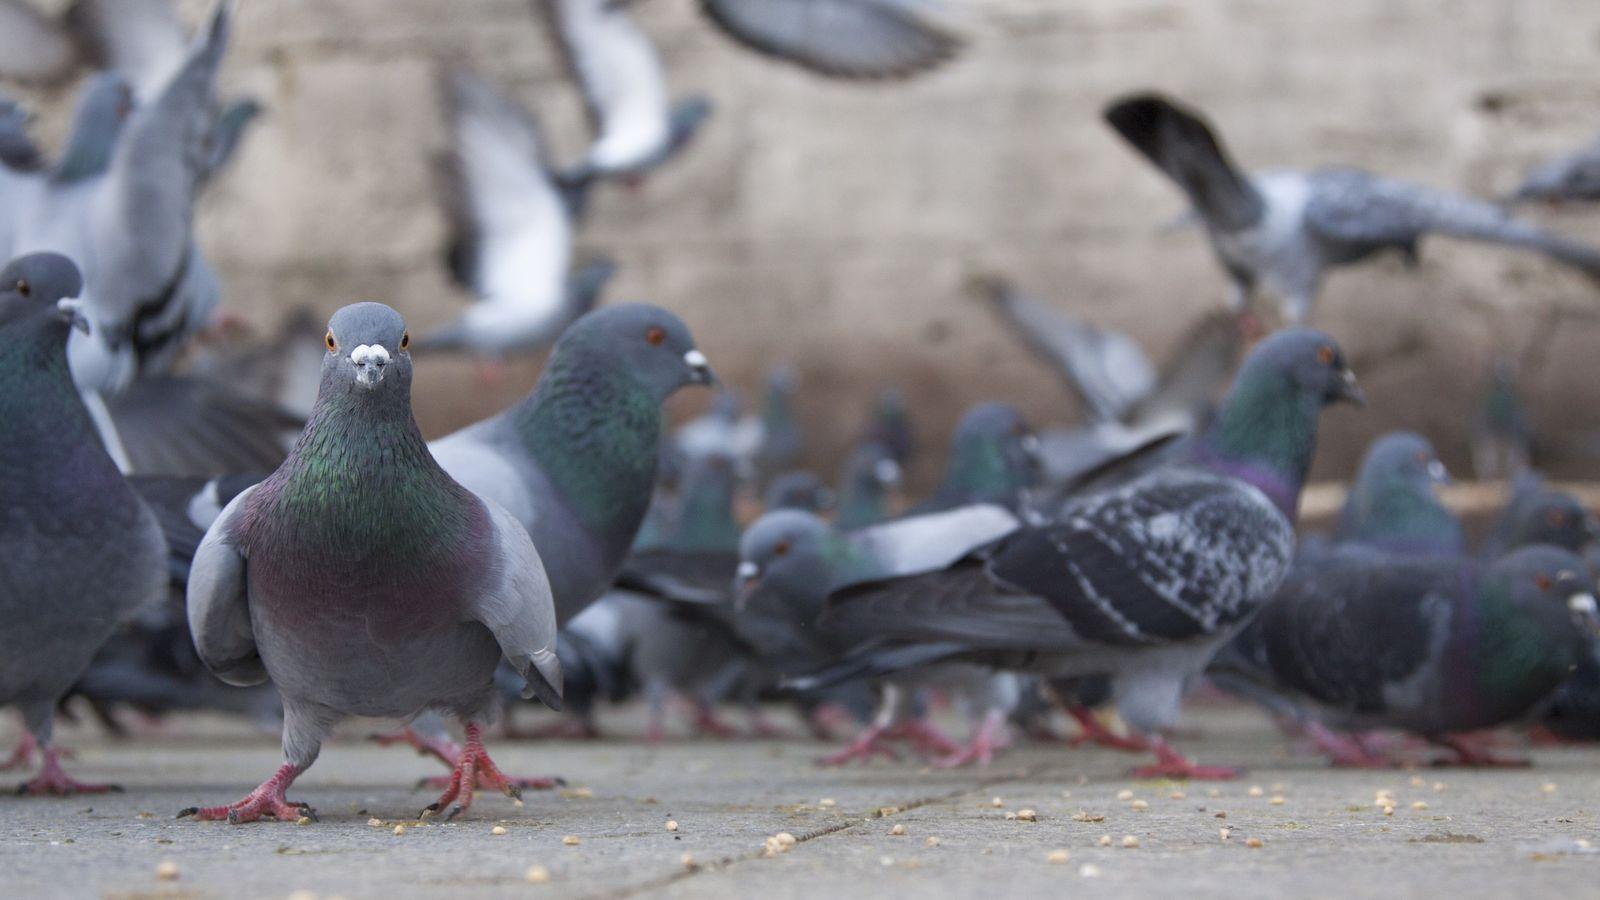 Les pigeons et les rats remplacent peu à peu les espèces rares et endémiques de notre ...